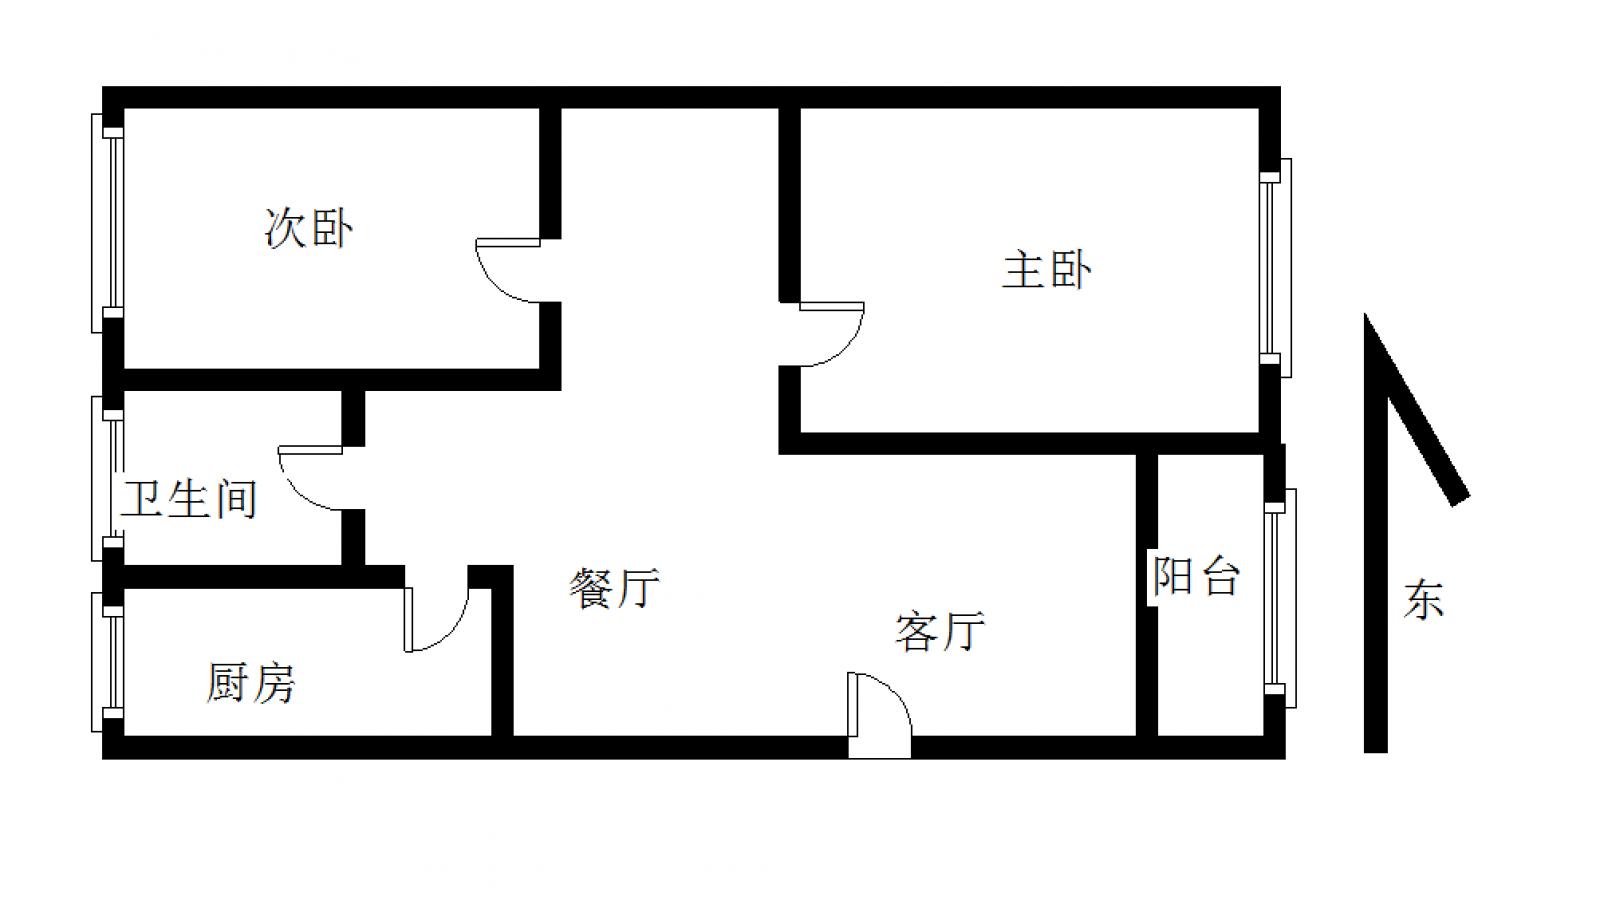 贵和小区 2室2厅91㎡